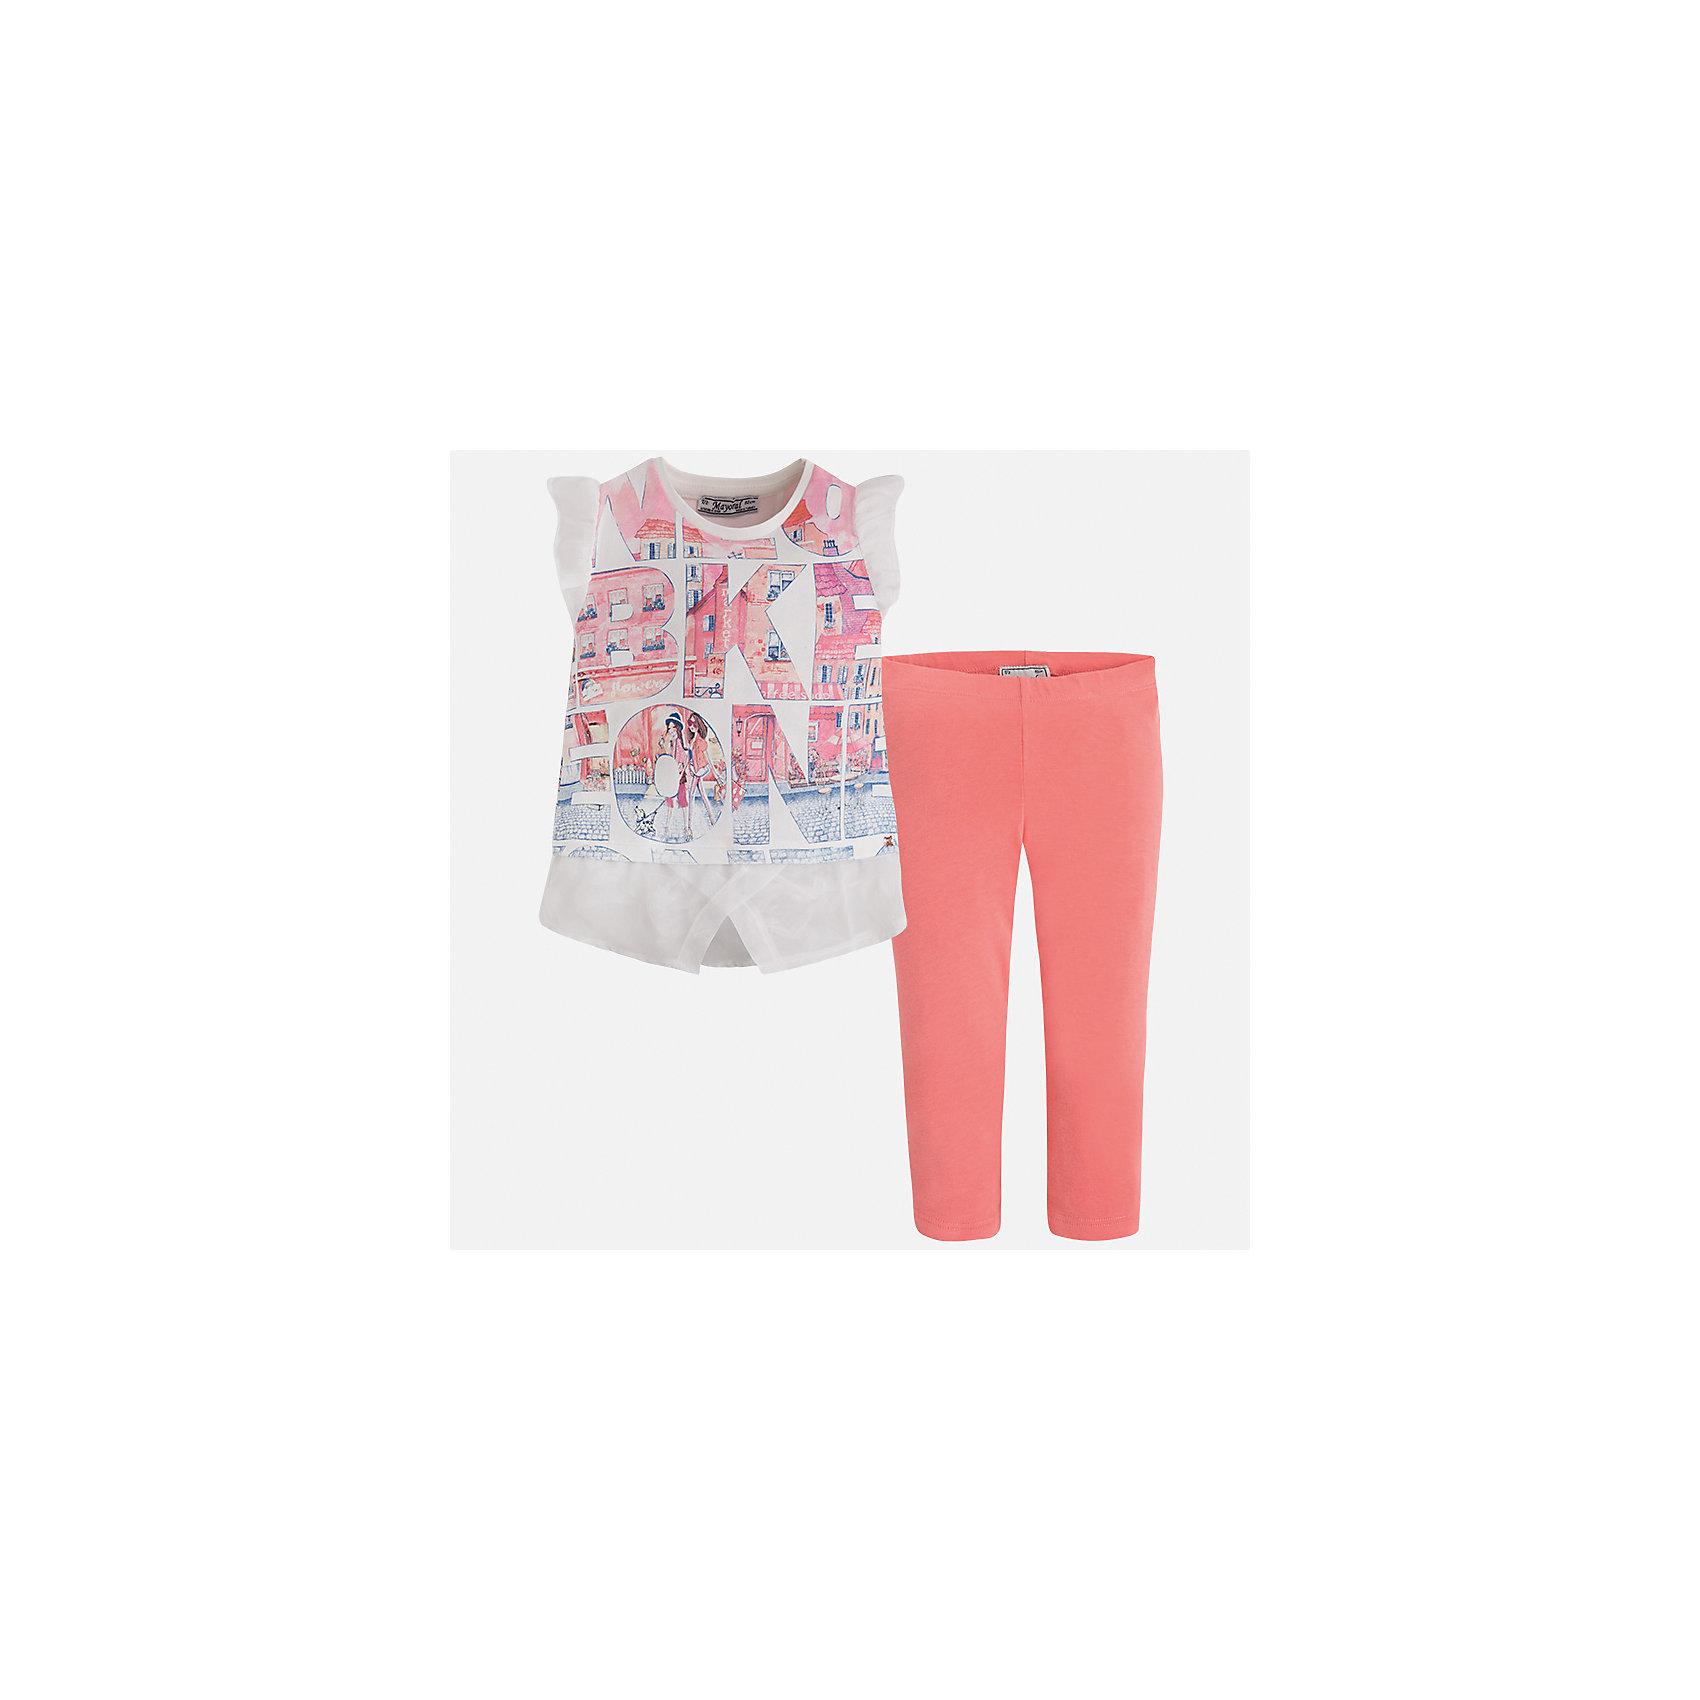 Комплект: футболка и леггинсы для девочки MayoralКомплекты<br>Характеристики товара:<br><br>• цвет: белый/оранжевый<br>• состав: 76% хлопок, 20% полиэстер, 4% эластан<br>• комплектация: футболка, леггинсы<br>• футболка декорирована принтом и оборками<br>• леггинсы однотонные<br>• пояс на резинке<br>• страна бренда: Испания<br><br>Красивый качественный комплект для девочки поможет разнообразить гардероб ребенка и удобно одеться в теплую погоду. Он отлично сочетается с другими предметами. Универсальный цвет позволяет подобрать к вещам верхнюю одежду практически любой расцветки. Интересная отделка модели делает её нарядной и оригинальной. В составе материала - натуральный хлопок, гипоаллергенный, приятный на ощупь, дышащий.<br><br>Одежда, обувь и аксессуары от испанского бренда Mayoral полюбились детям и взрослым по всему миру. Модели этой марки - стильные и удобные. Для их производства используются только безопасные, качественные материалы и фурнитура. Порадуйте ребенка модными и красивыми вещами от Mayoral! <br><br>Комплект для девочки от испанского бренда Mayoral (Майорал) можно купить в нашем интернет-магазине.<br><br>Ширина мм: 123<br>Глубина мм: 10<br>Высота мм: 149<br>Вес г: 209<br>Цвет: розовый<br>Возраст от месяцев: 24<br>Возраст до месяцев: 36<br>Пол: Женский<br>Возраст: Детский<br>Размер: 98,104,110,116,122,128,134,92<br>SKU: 5300479